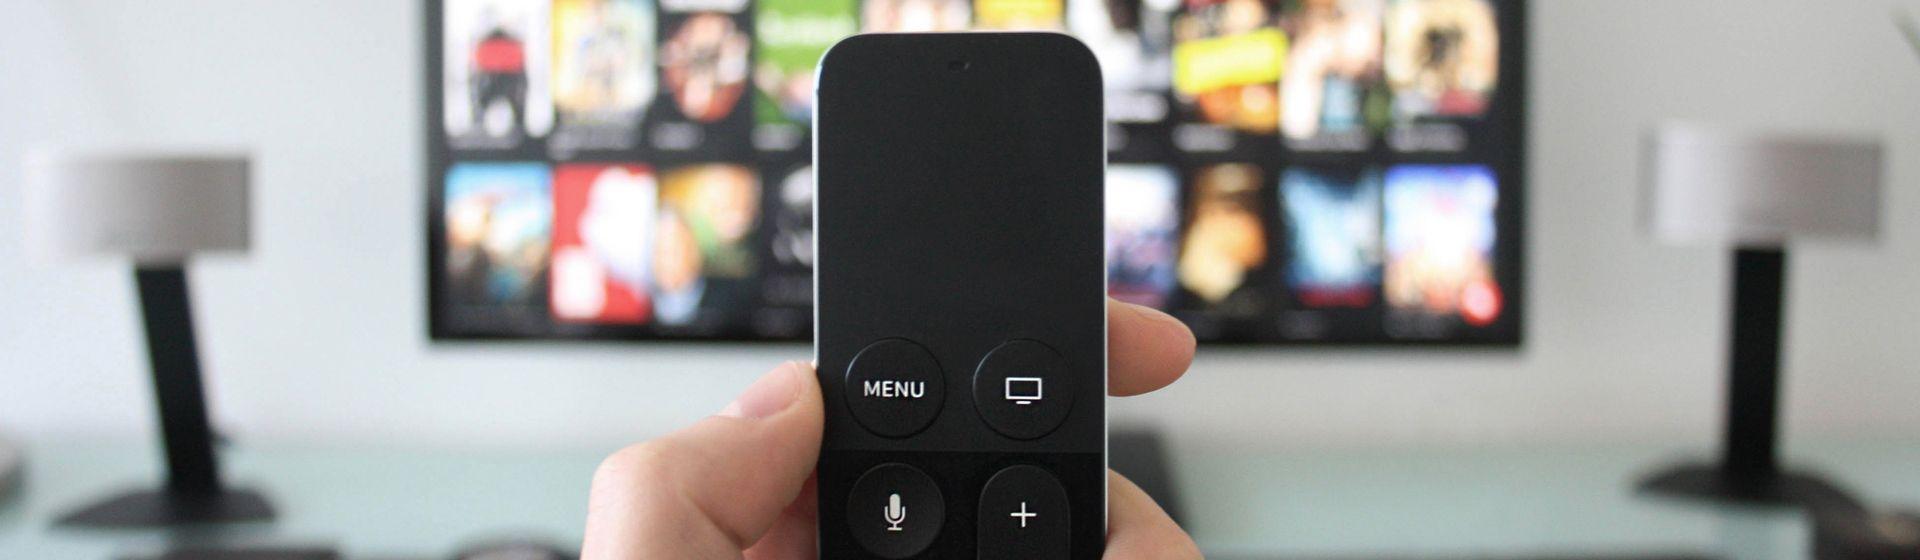 TV Box ou Chromecast: Qual a diferença entre esses produtos que transformam TV em smart?